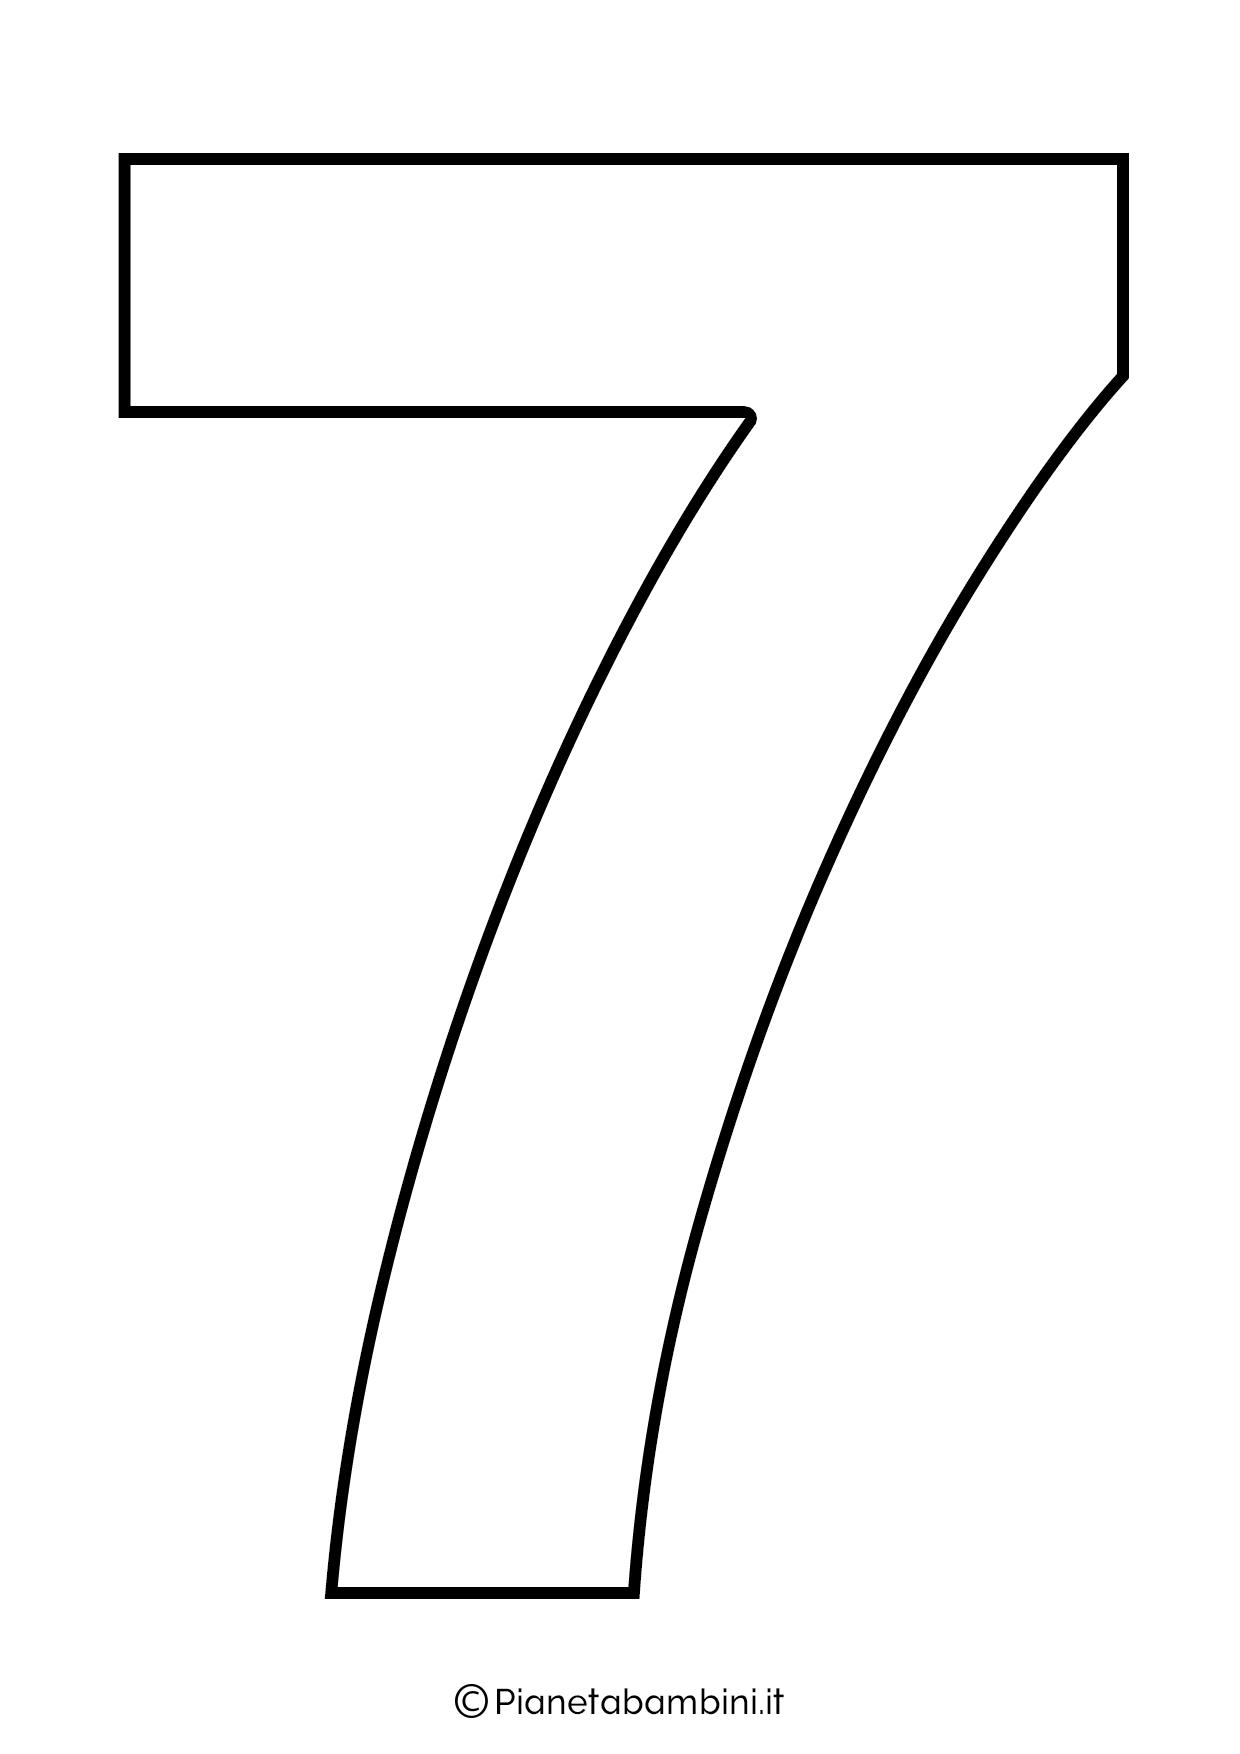 Numero 7 da stampare